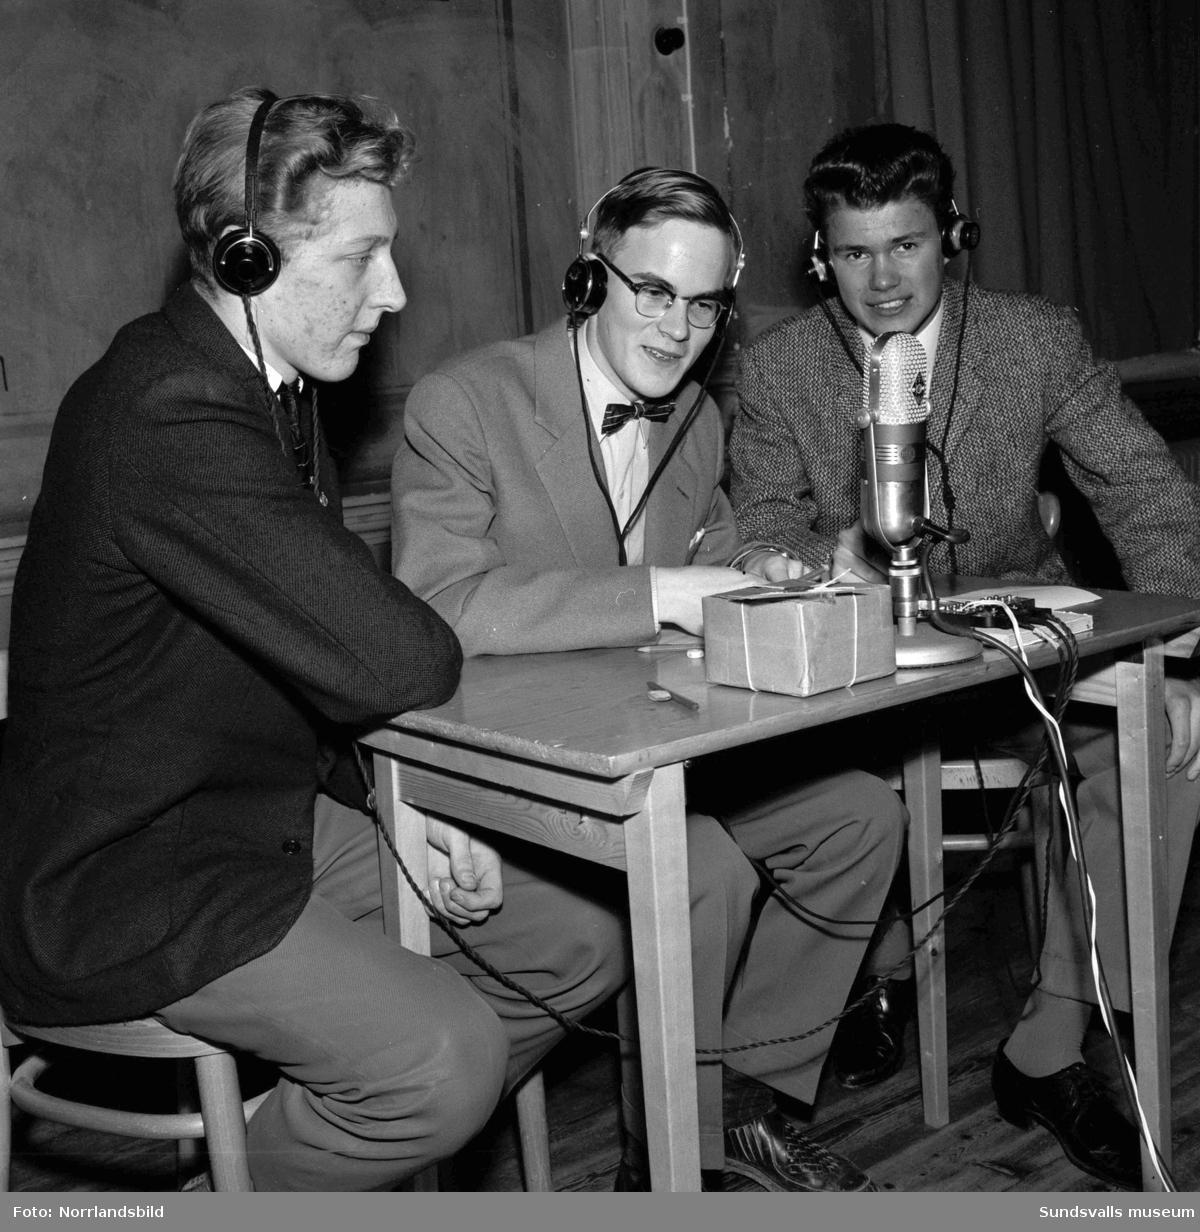 """Radiotävlingen """"Vi som vet mest"""" i läroverkets aula, en frågesporttävling för gymnasieelever med Folke Olhagen. Ett lag med tre grabbar före, och under, inspelningen samt publik och hejaramsa."""